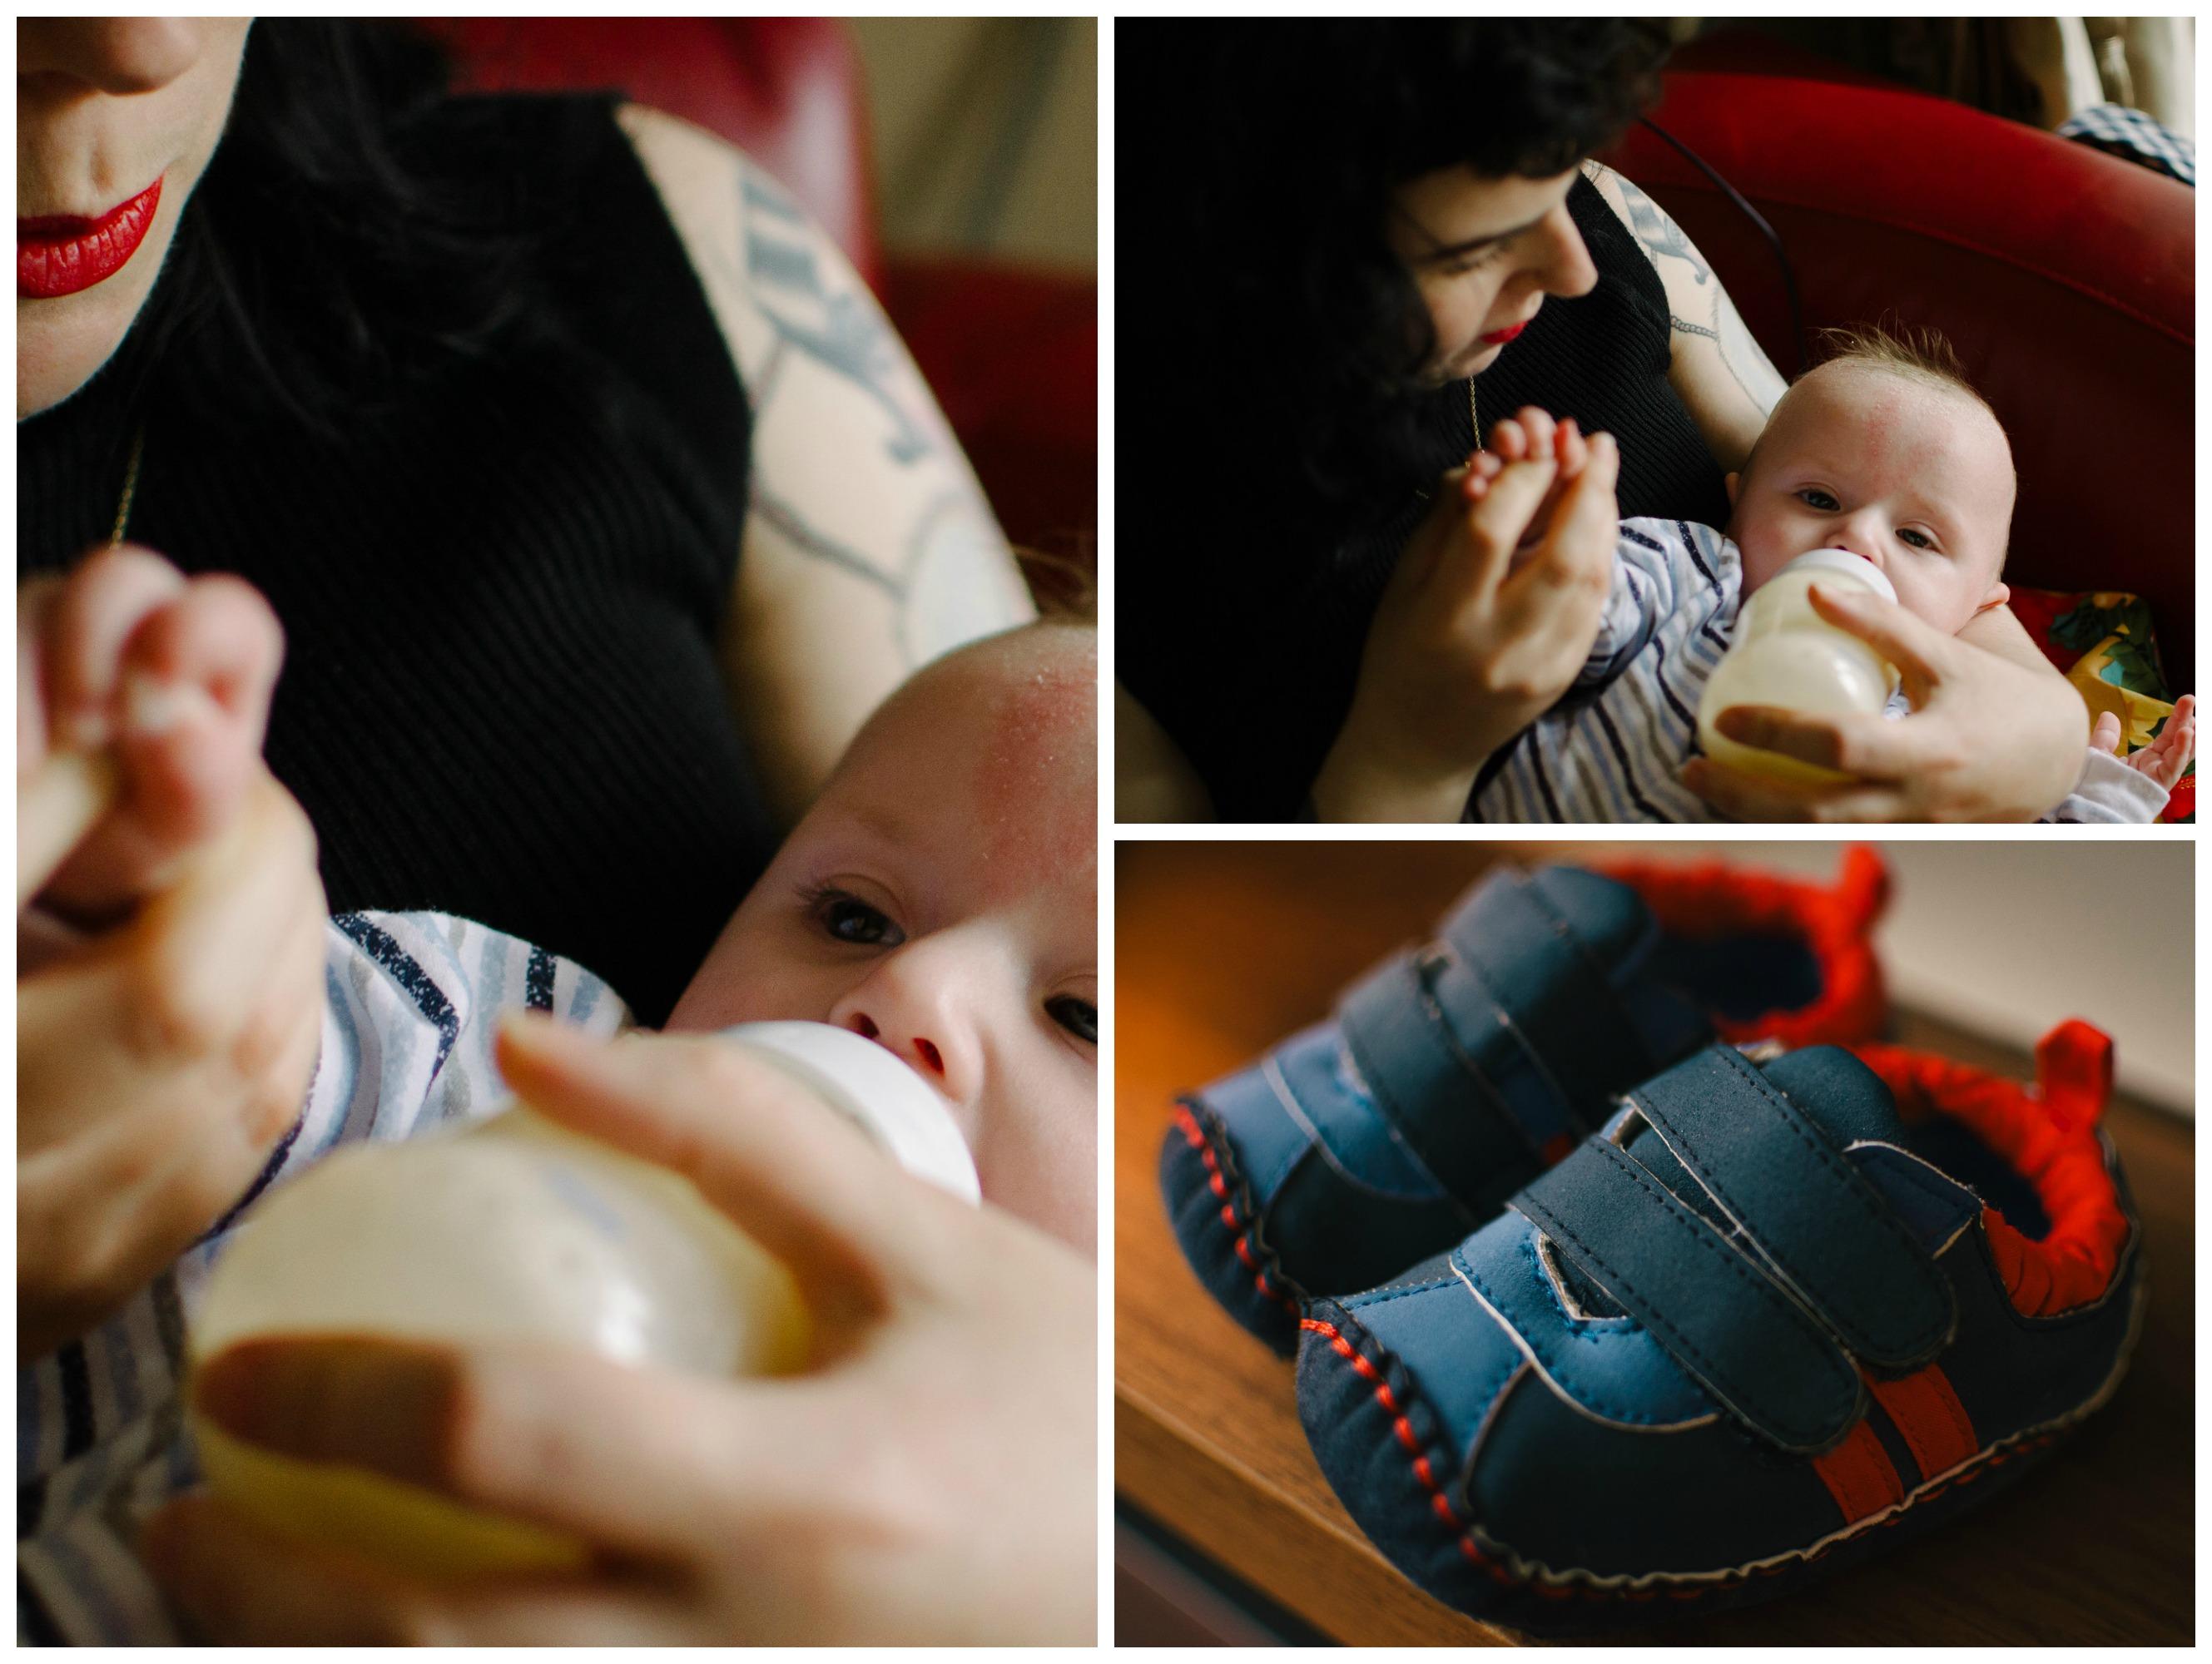 Firechild_Photography_Baby_DayInTheLife_Dublin_Ireland_3